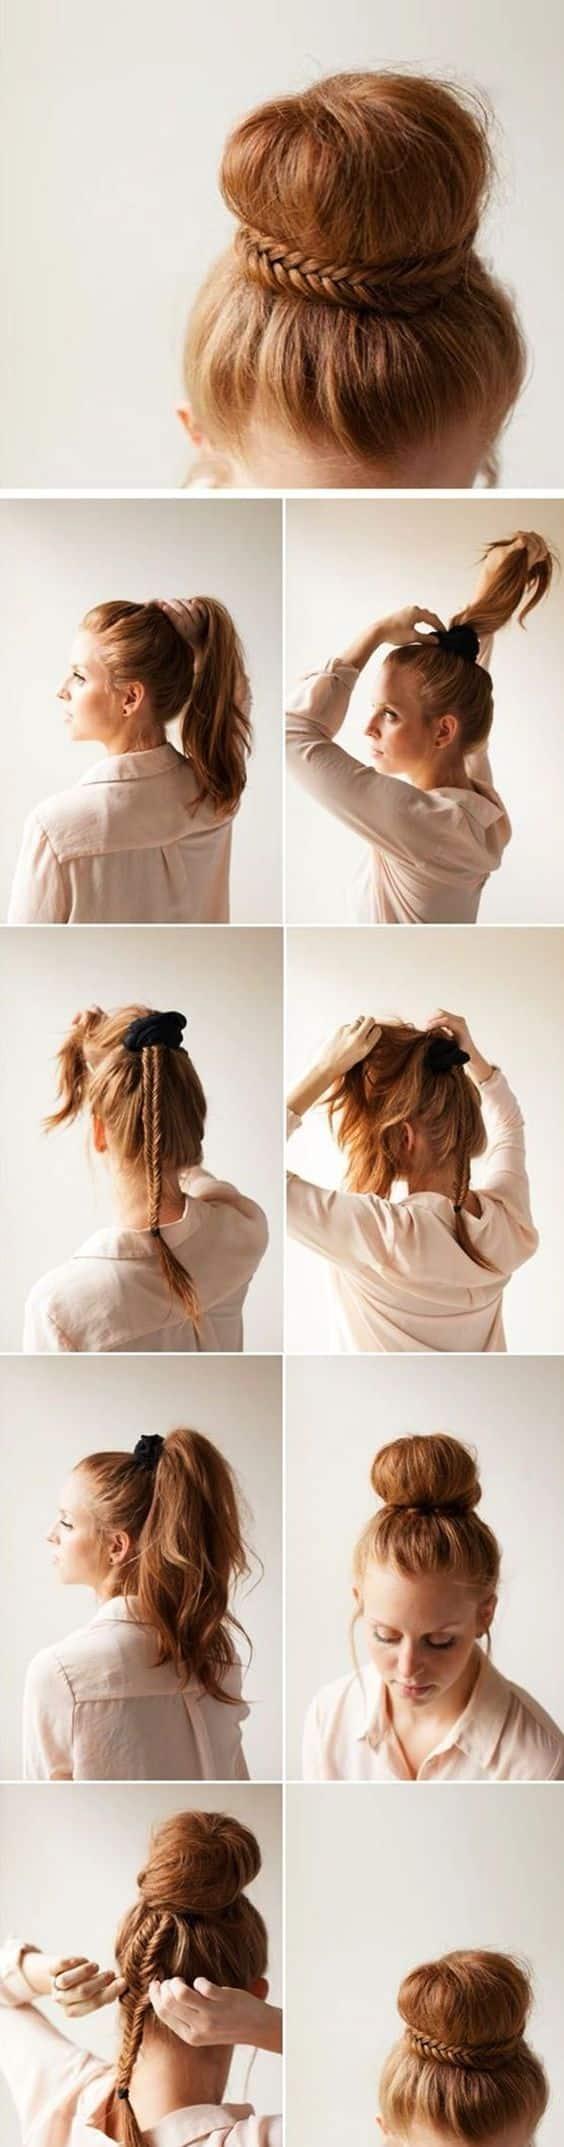 peinado-para-niña